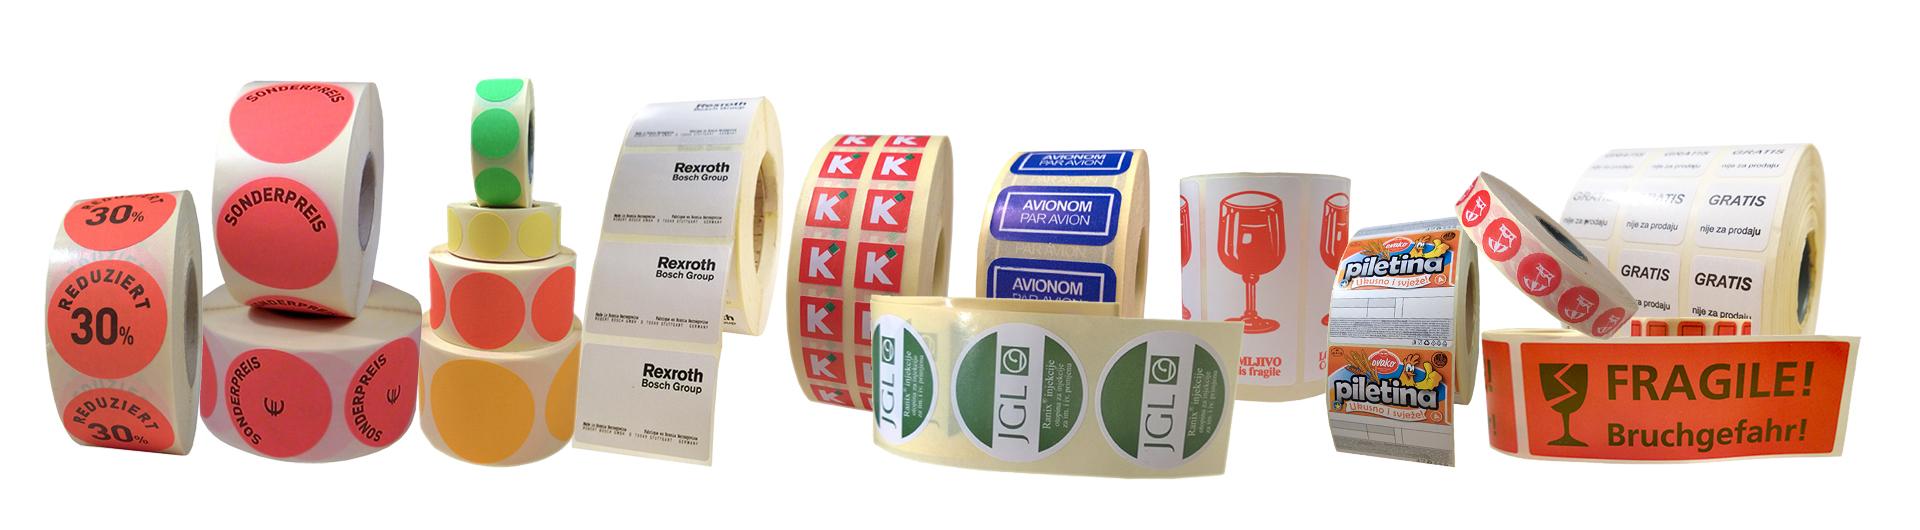 rol-etiketten-rolle-label-sticker-offset-druck-slider-02